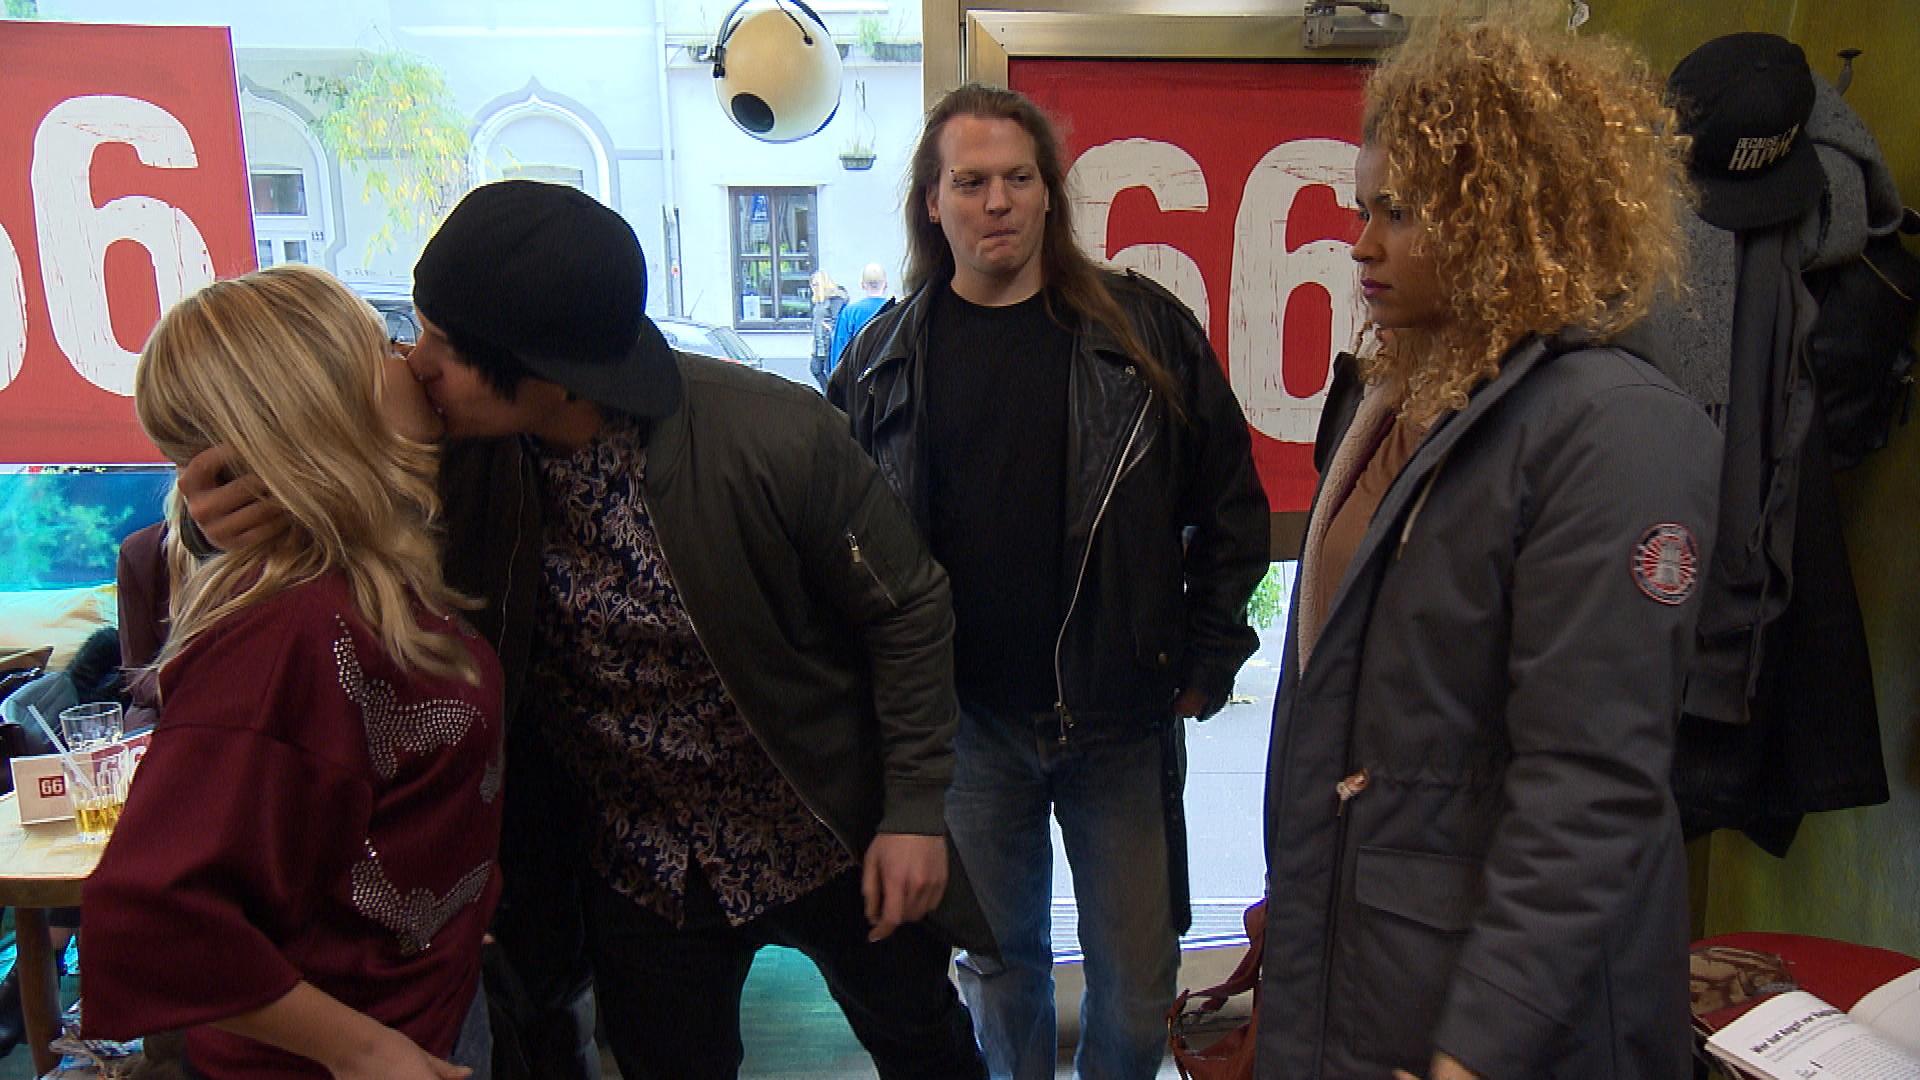 Chantal springt ihr Haarmodell für den späteren Besuch ihres Lehrers ab. Kevin gibt sich Mühe, Chantal zu helfen, was leider auch nach hinten losgeht (Quelle: RTL 2)